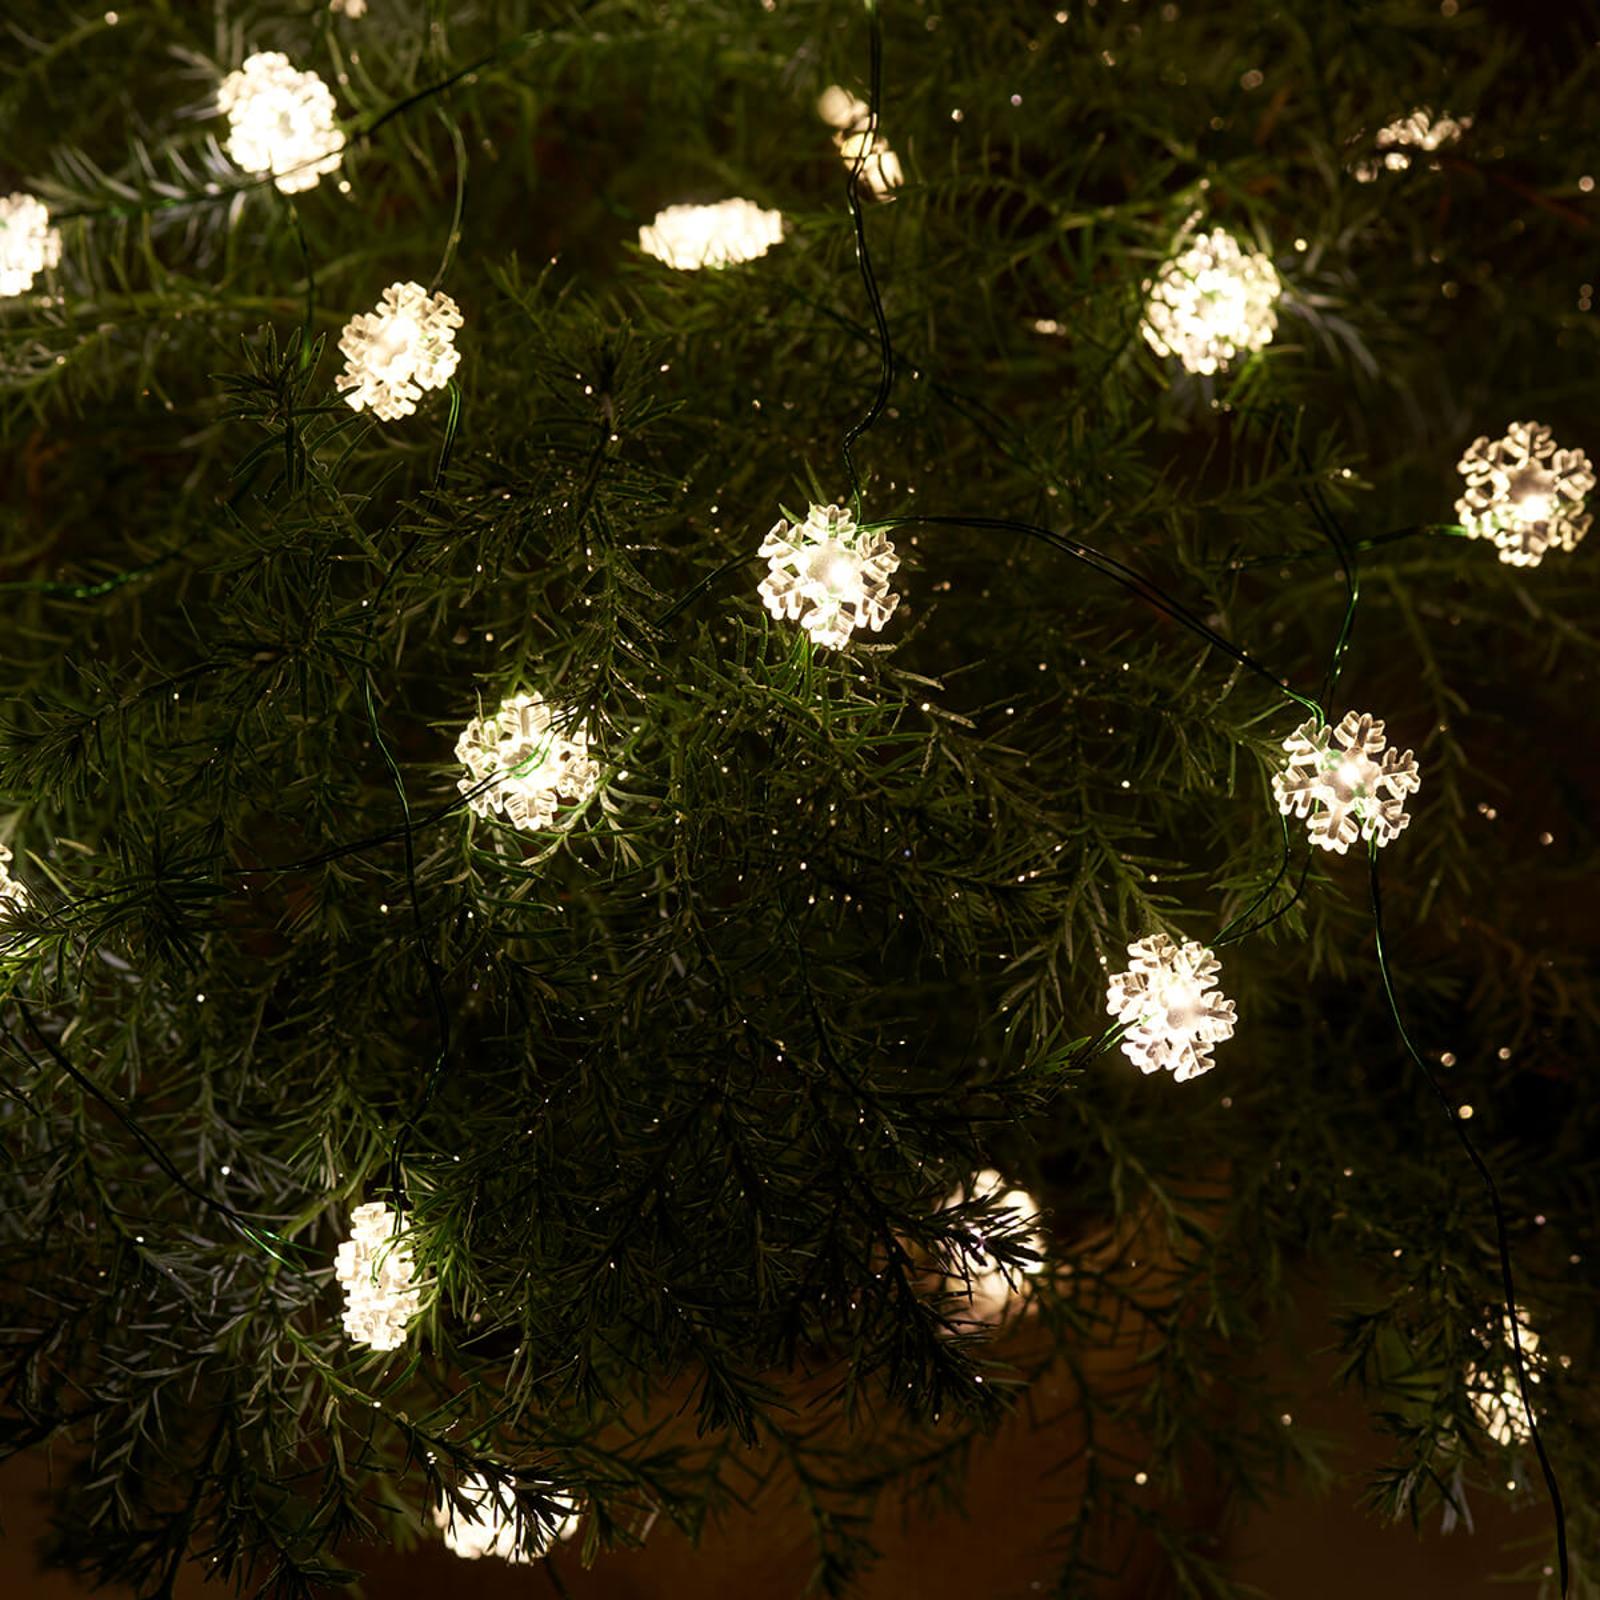 LED-Lichterkette Nynne 40fl f. innen und außen